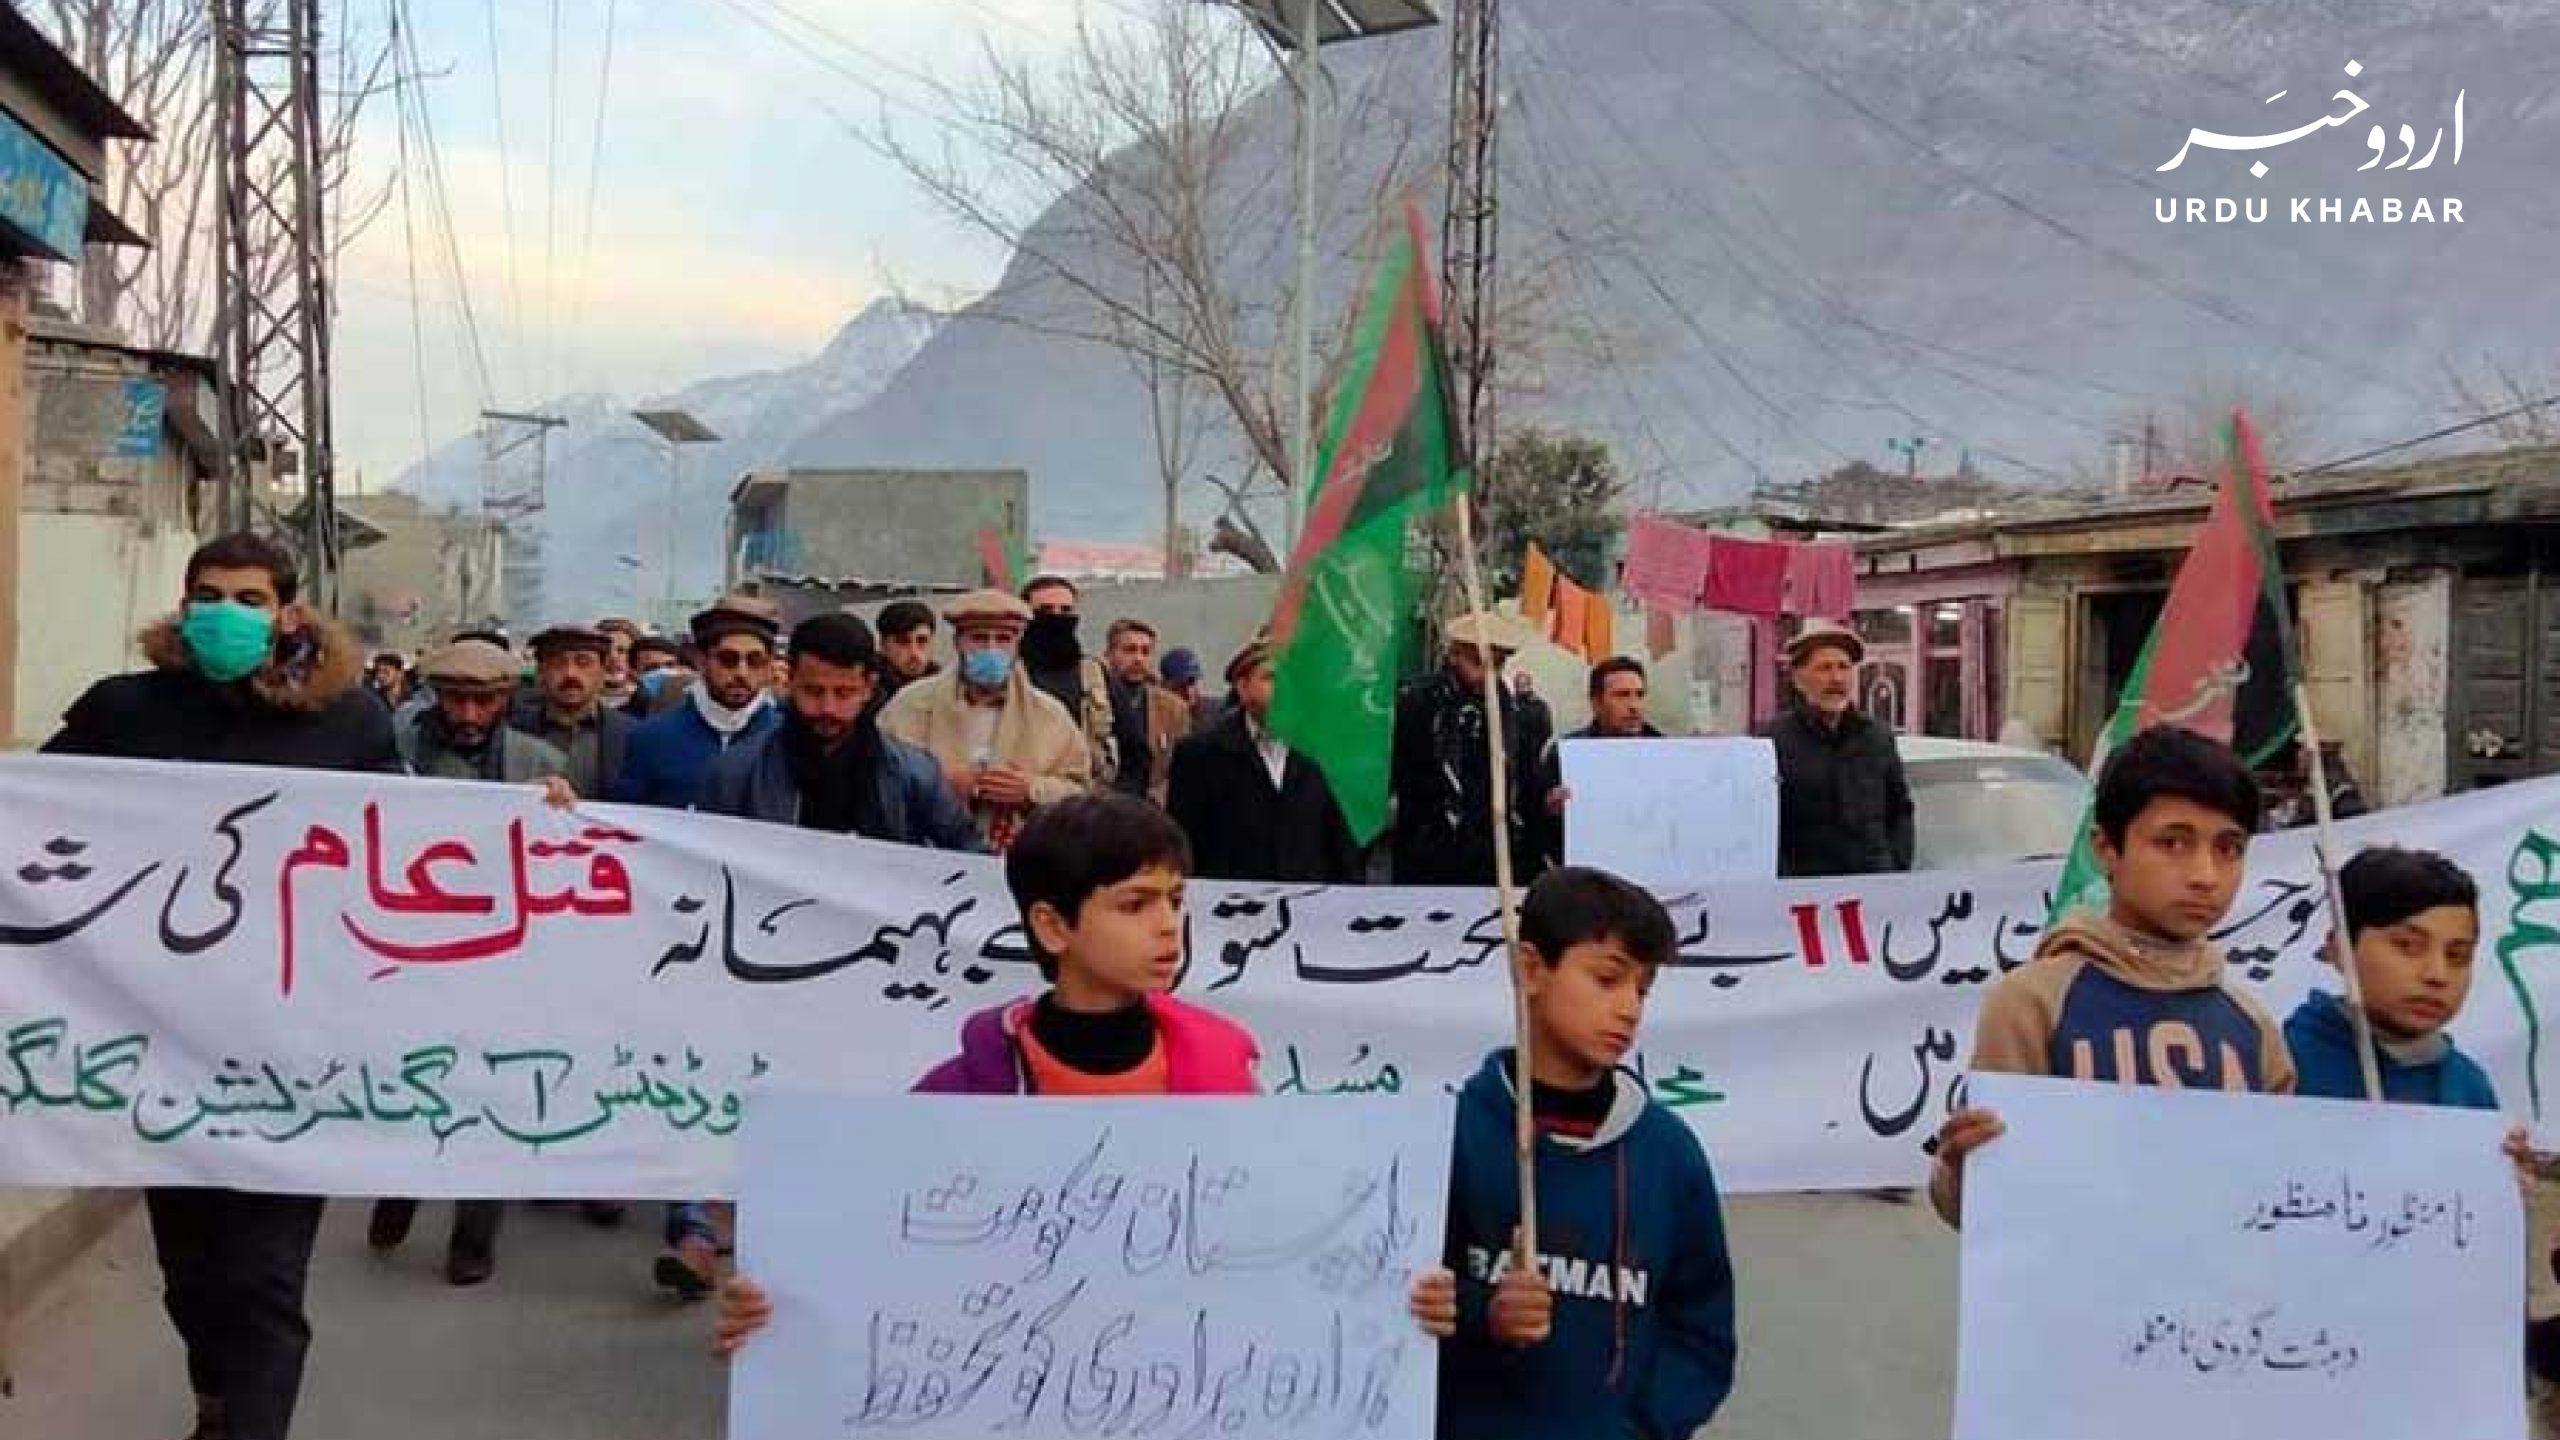 وزیر اعظم عمران خان کے کوئٹہ پہنچنے تک ہزارہ افراد نے کان کنوں کو دفنانے سے انکار کر دیا، چوتھے دن بھی احتجاج جاری